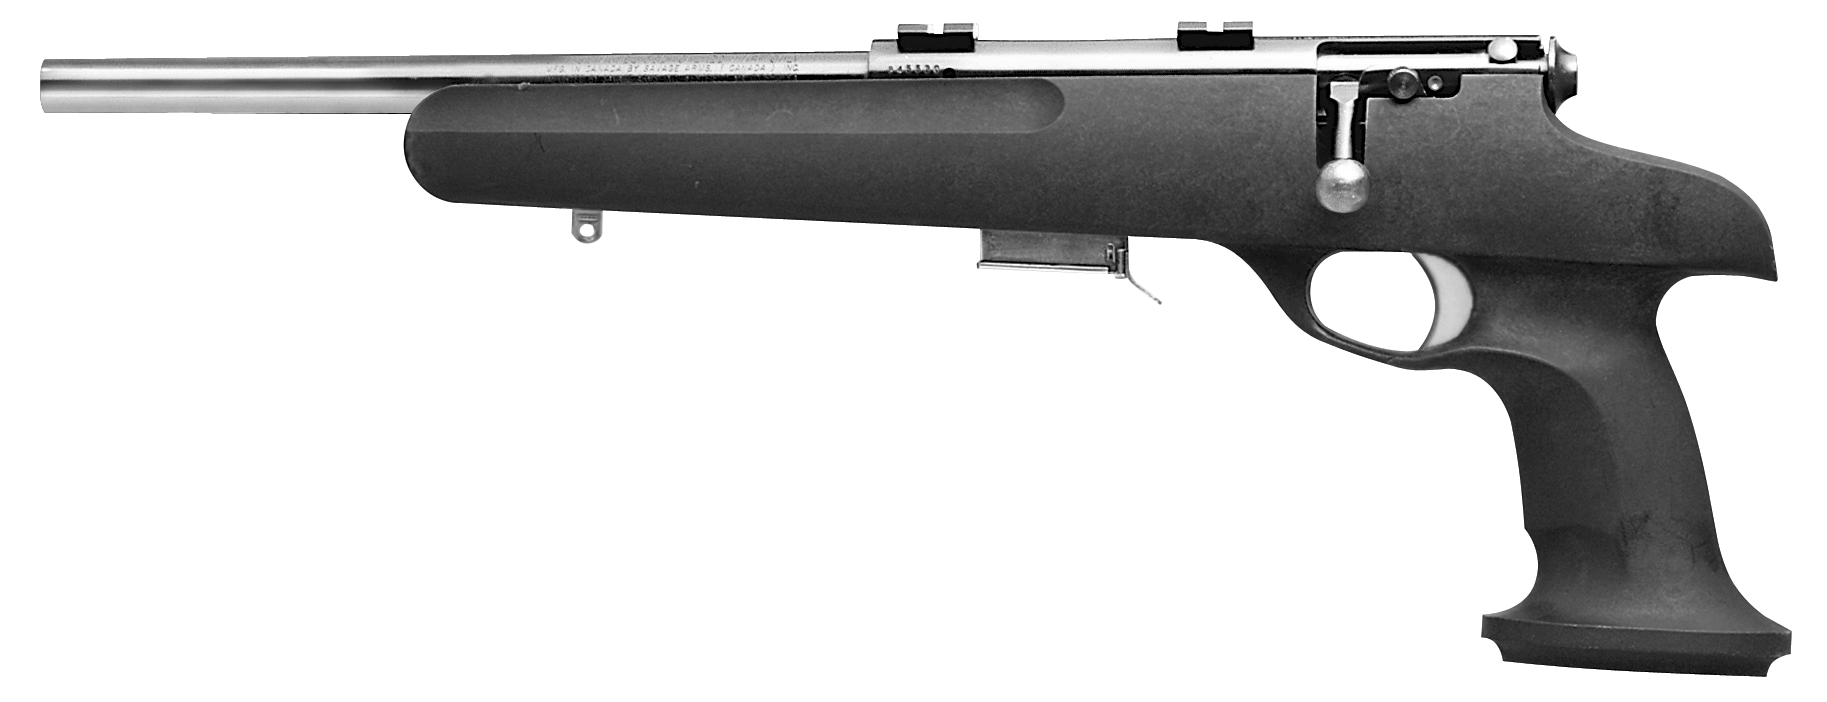 Model 503FSS—Sport Striker